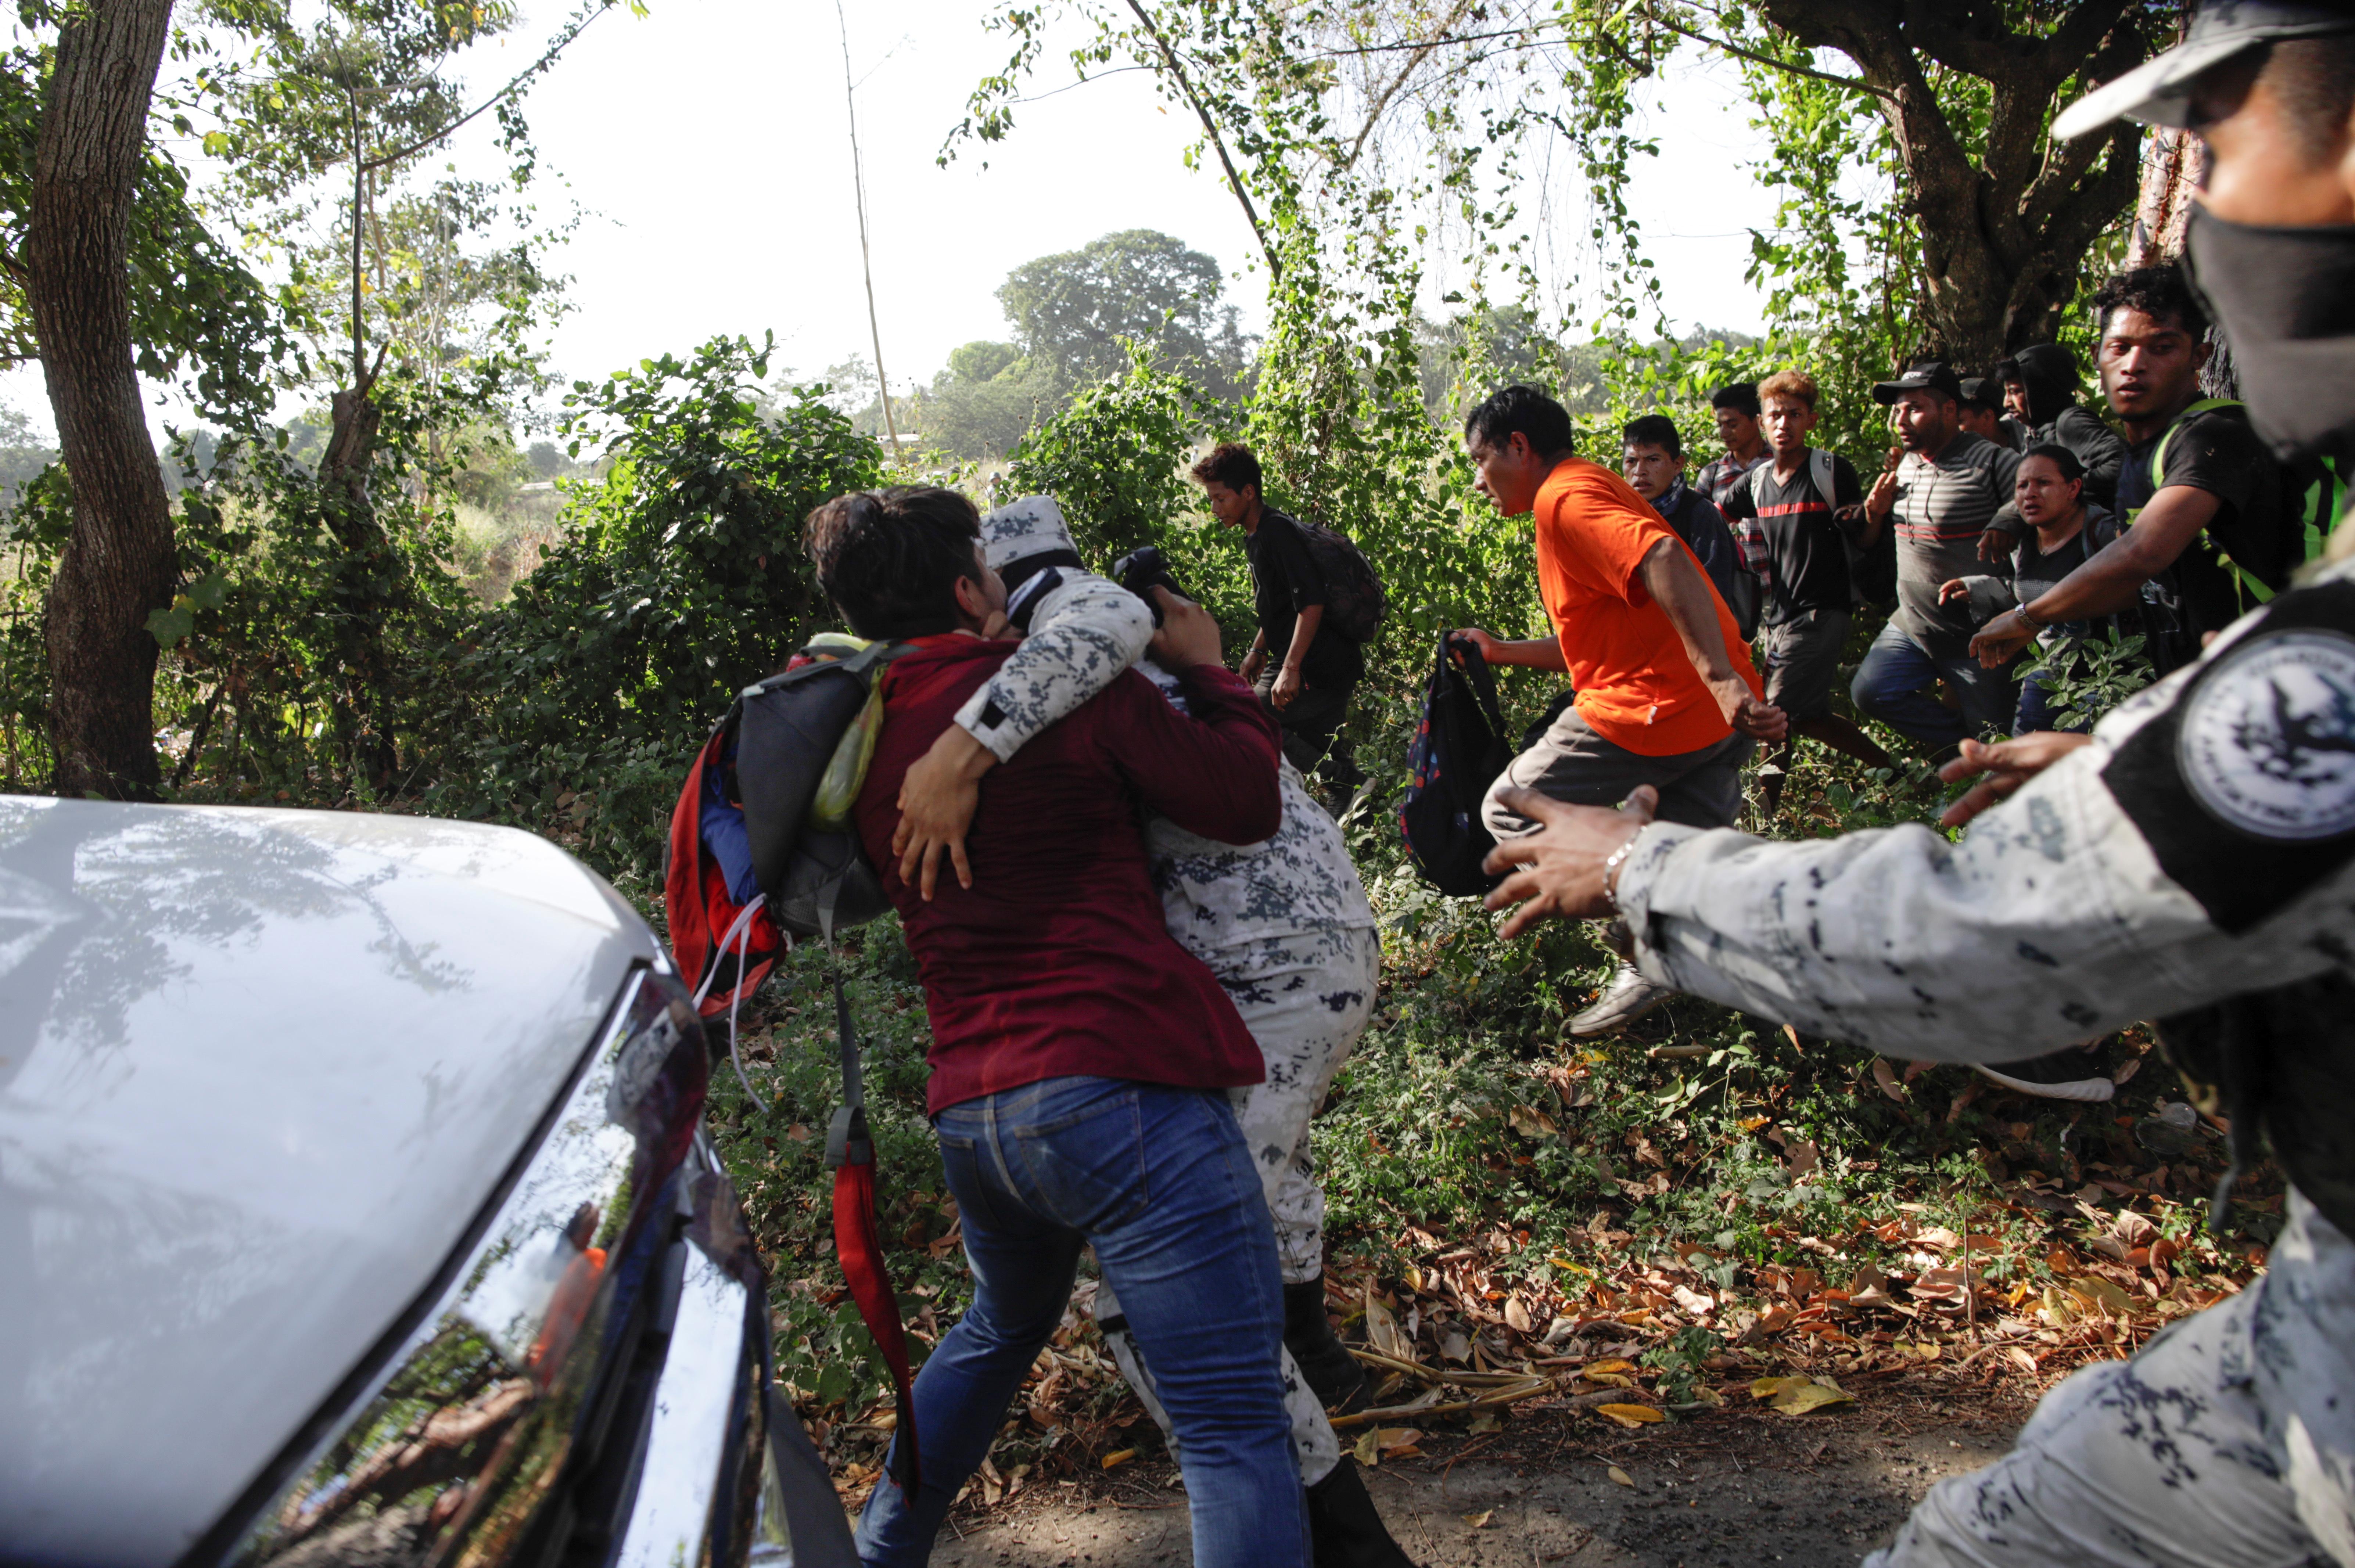 Cuando se rompió el dialogo entre los migrantes y las autoridades mexicanas, comenzaron los arrestos (Foto: Andrés Martínez Casares/Reuters)